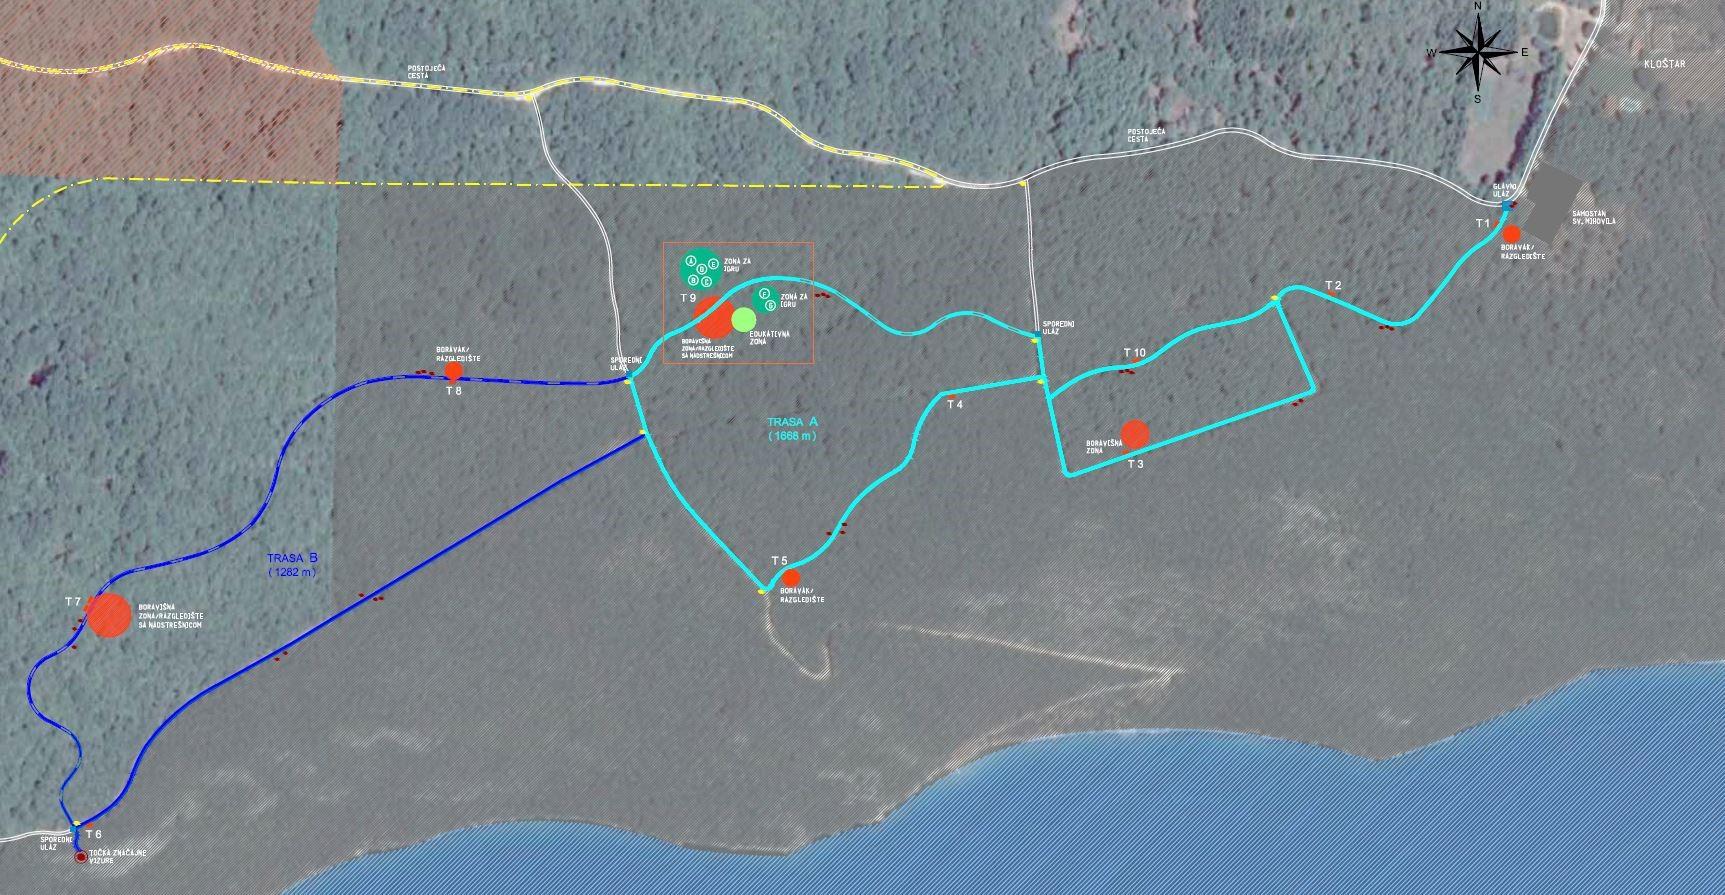 Tlocrtni prikaz staze – cjeline A i B čine kružnu stazu dugu 3 km